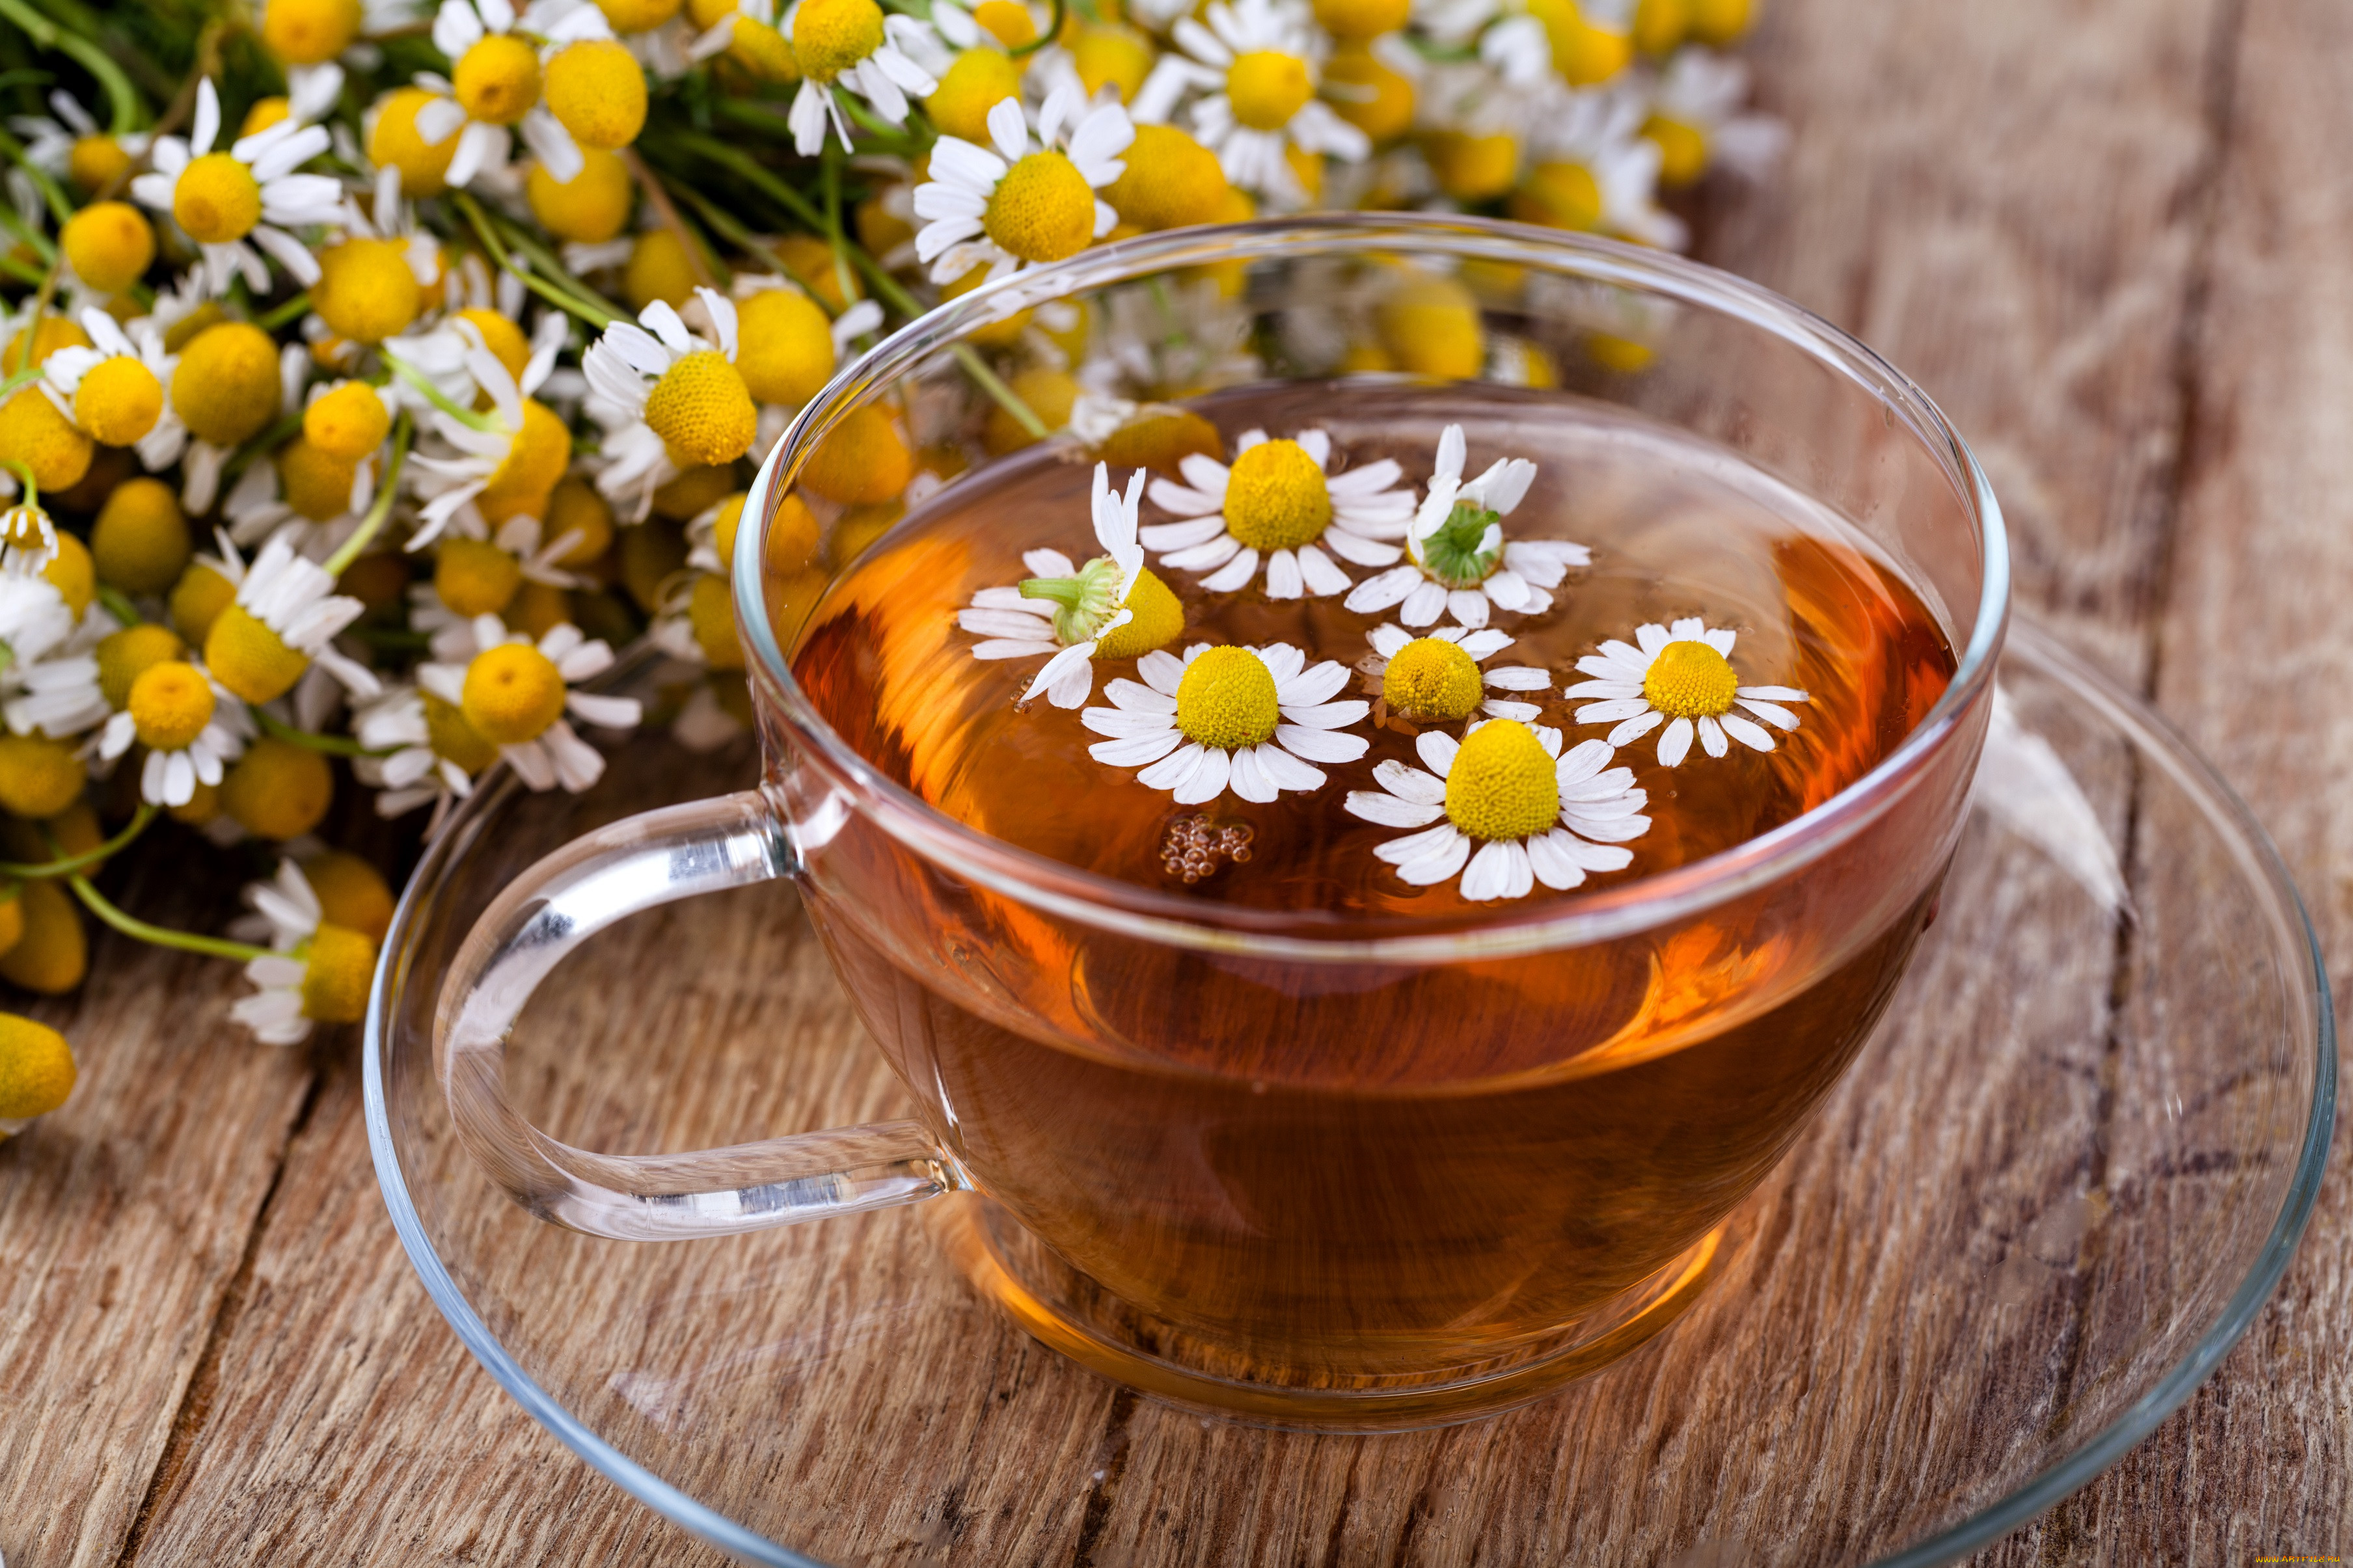 Ромашковый чай: польза и вред целебного напитка